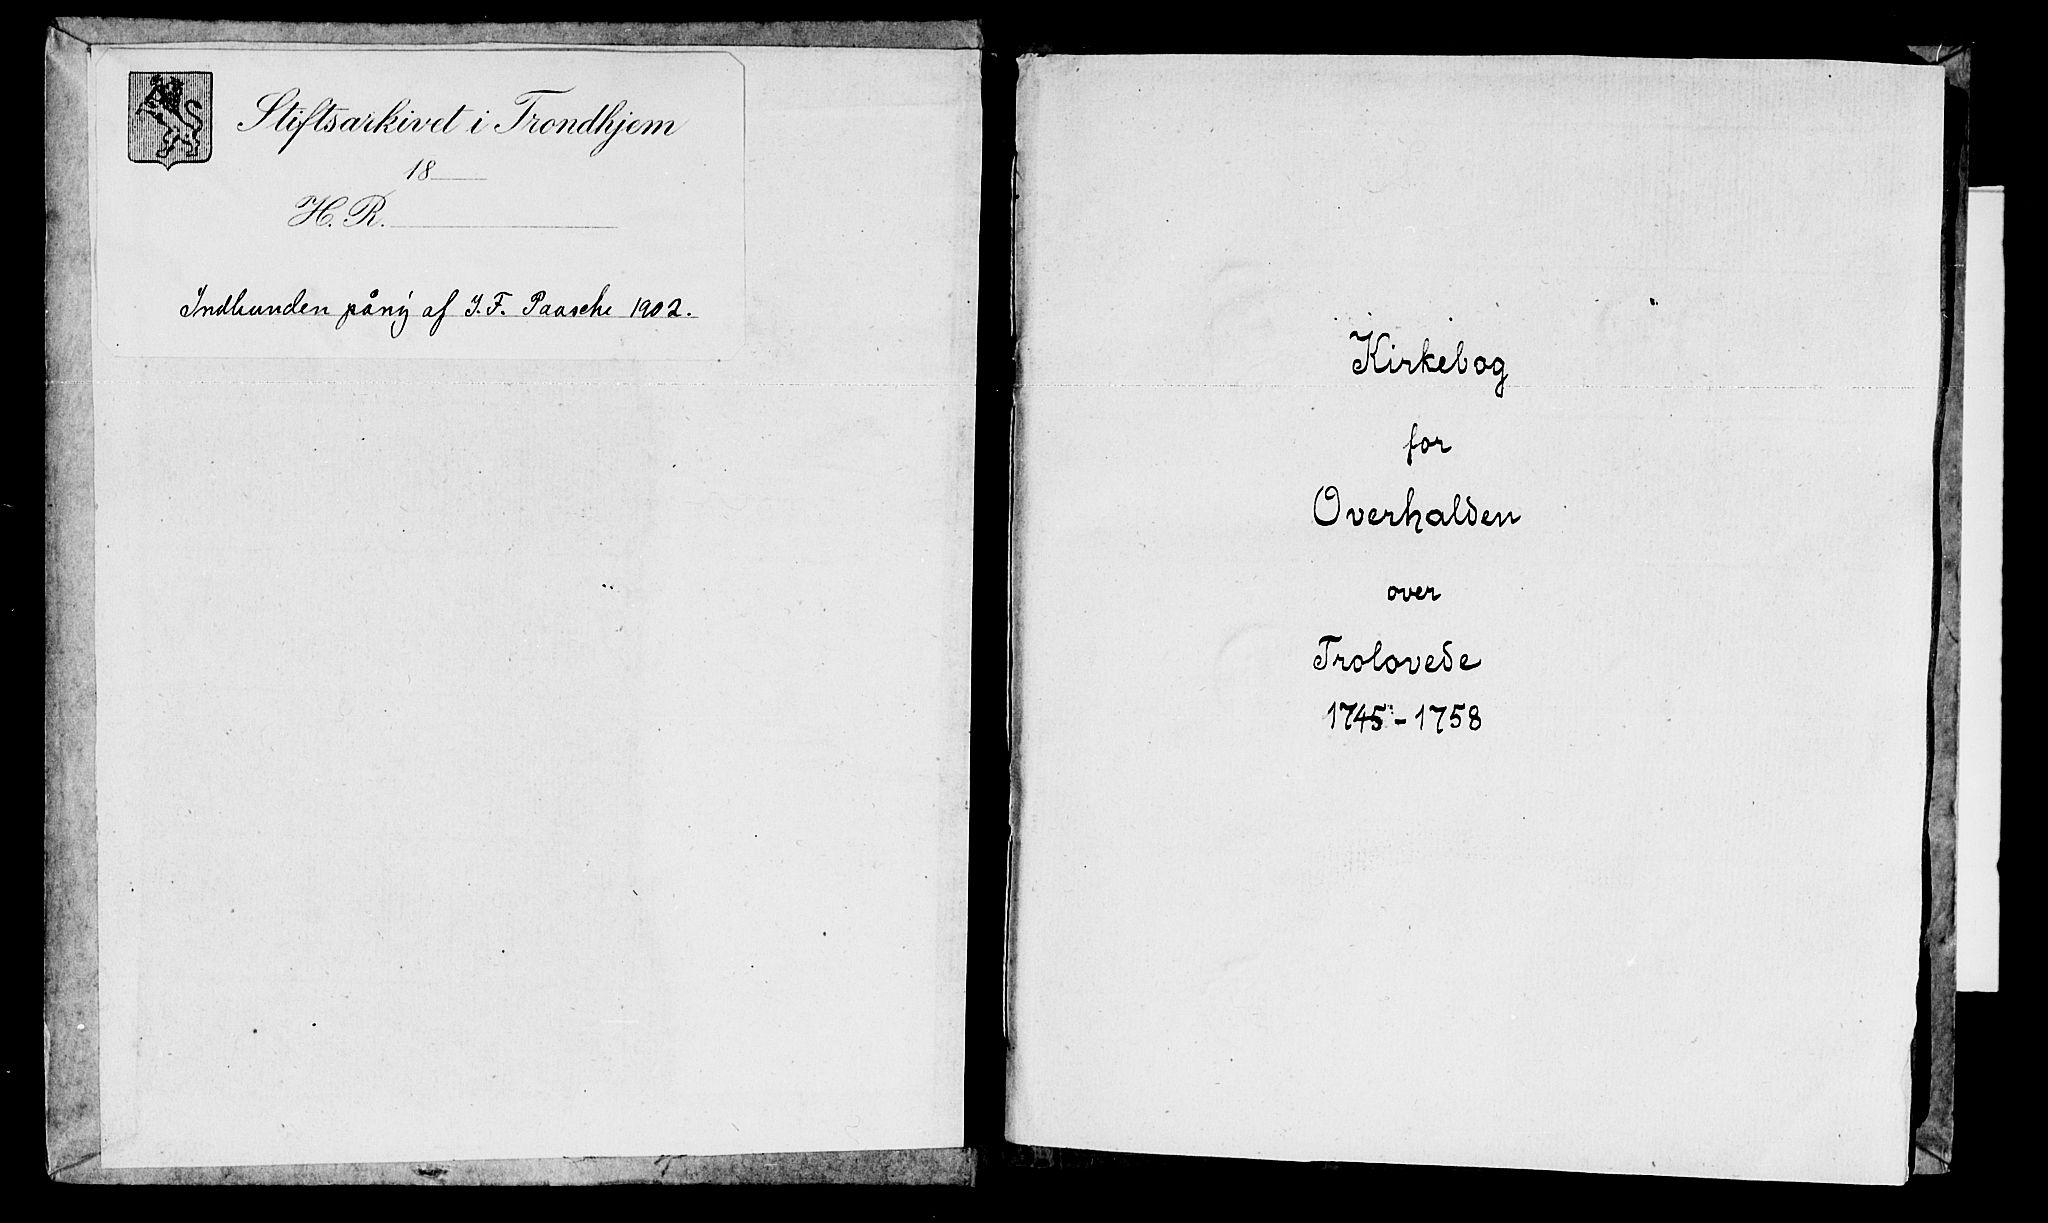 SAT, Ministerialprotokoller, klokkerbøker og fødselsregistre - Nord-Trøndelag, 764/L0541: Ministerialbok nr. 764A01, 1745-1758